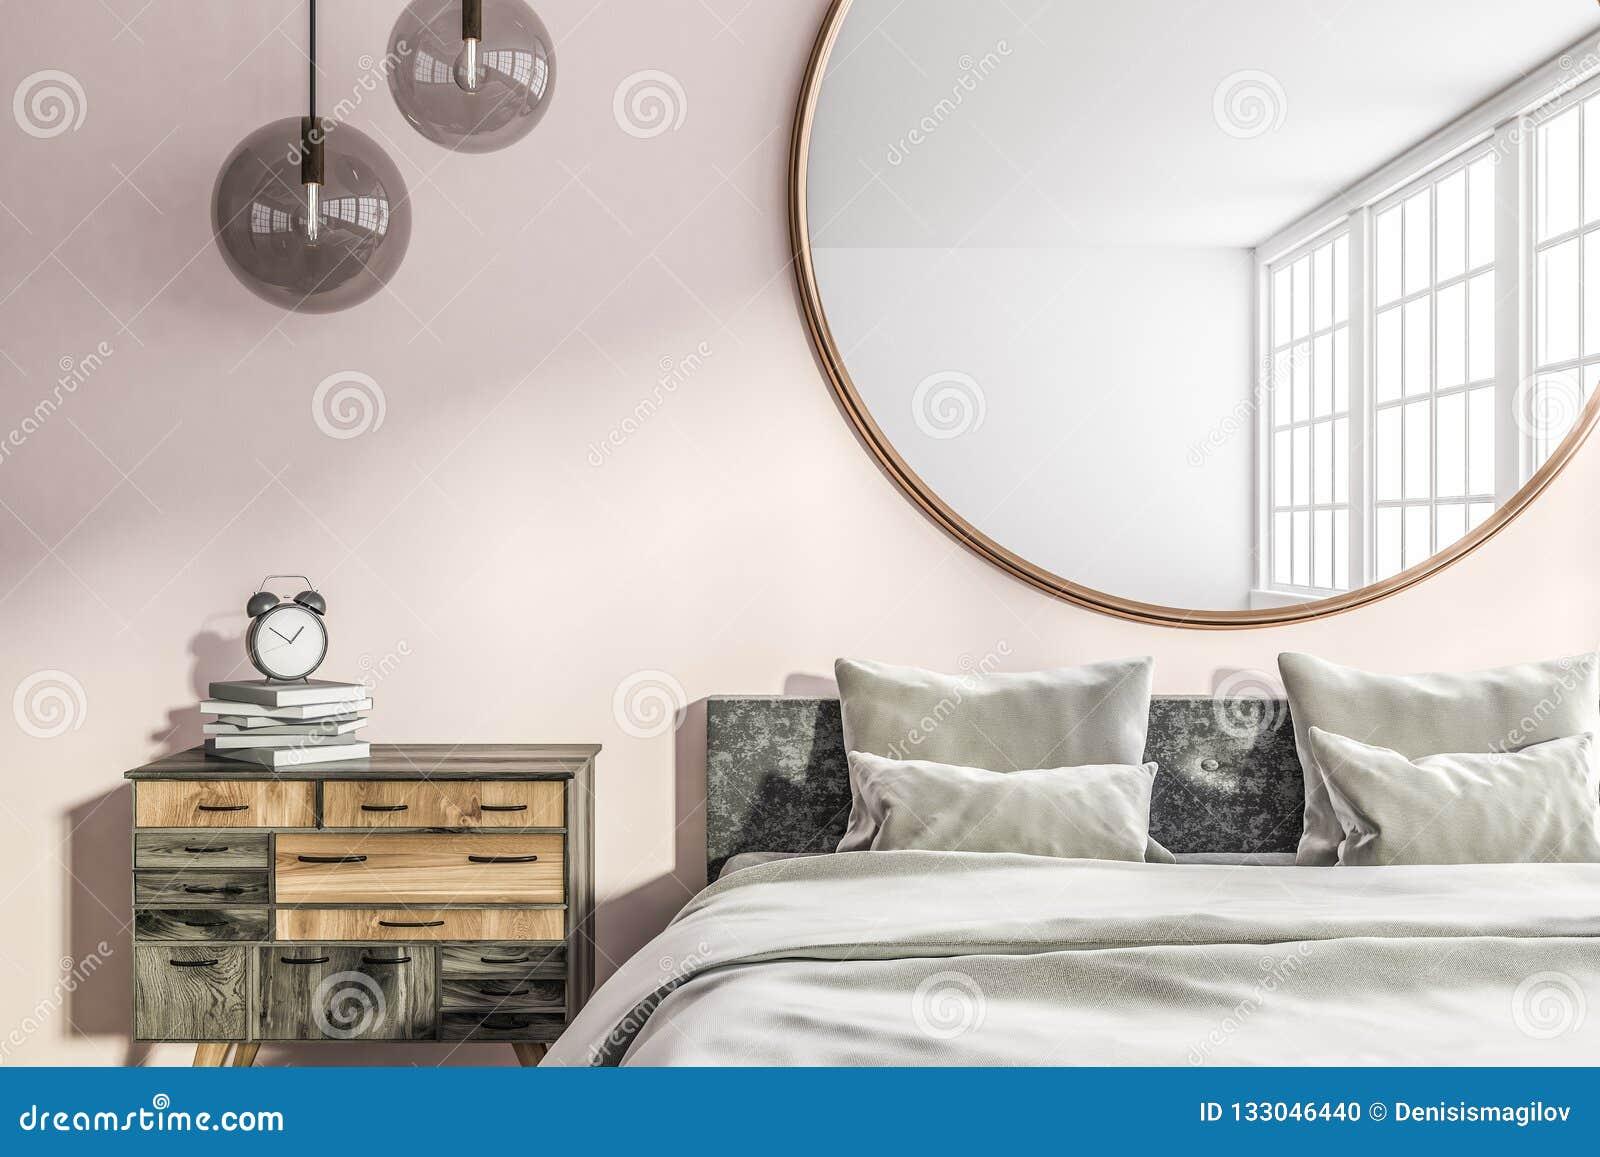 Pink Master Bedroom Interior Stock Illustration ...